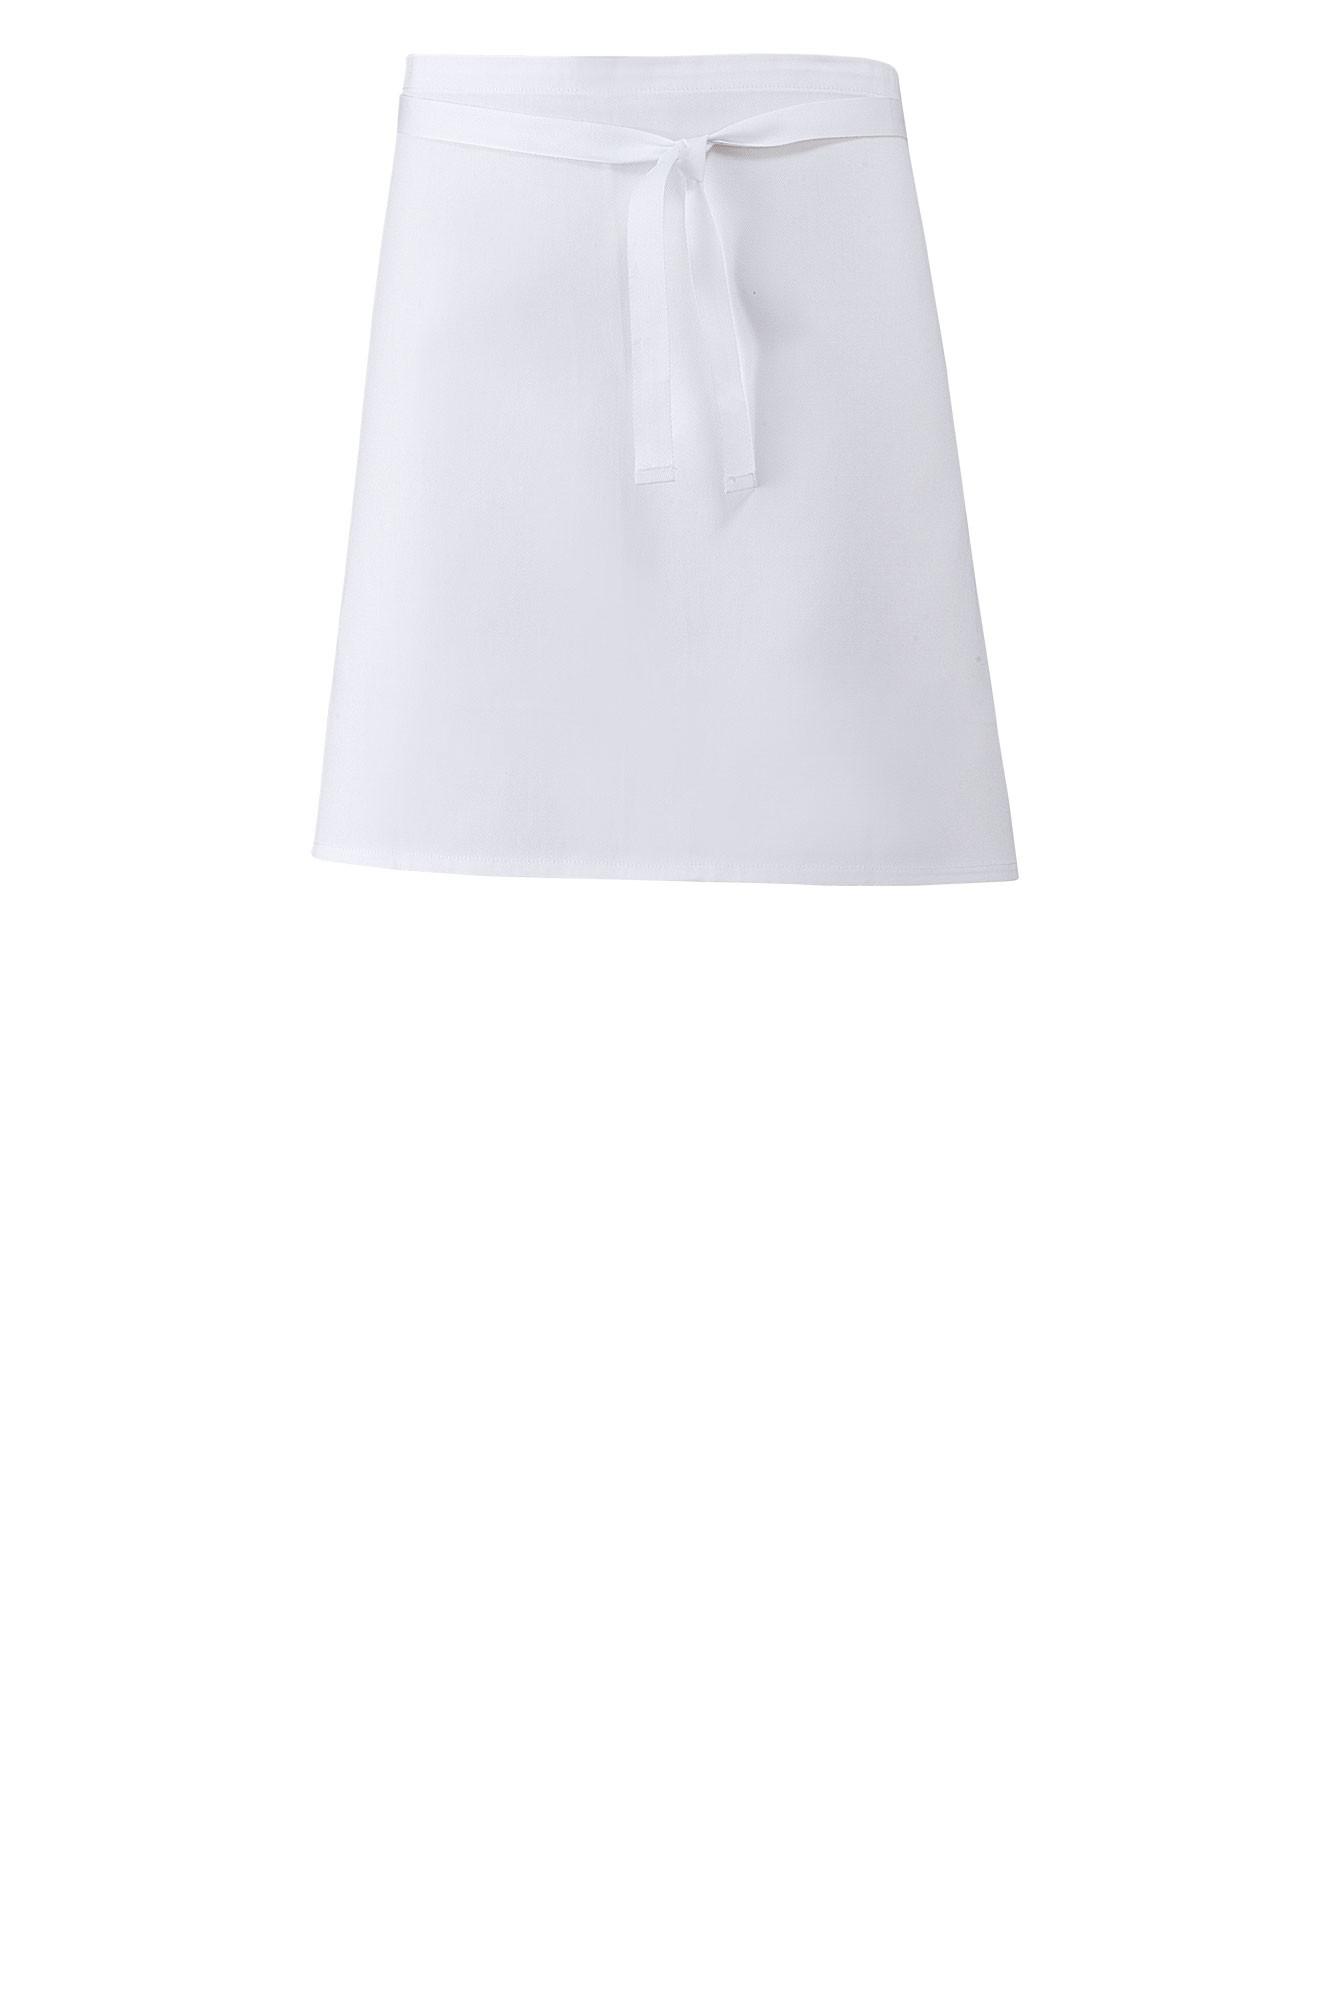 Zástěra Nikita - bílá, 45x80 cm